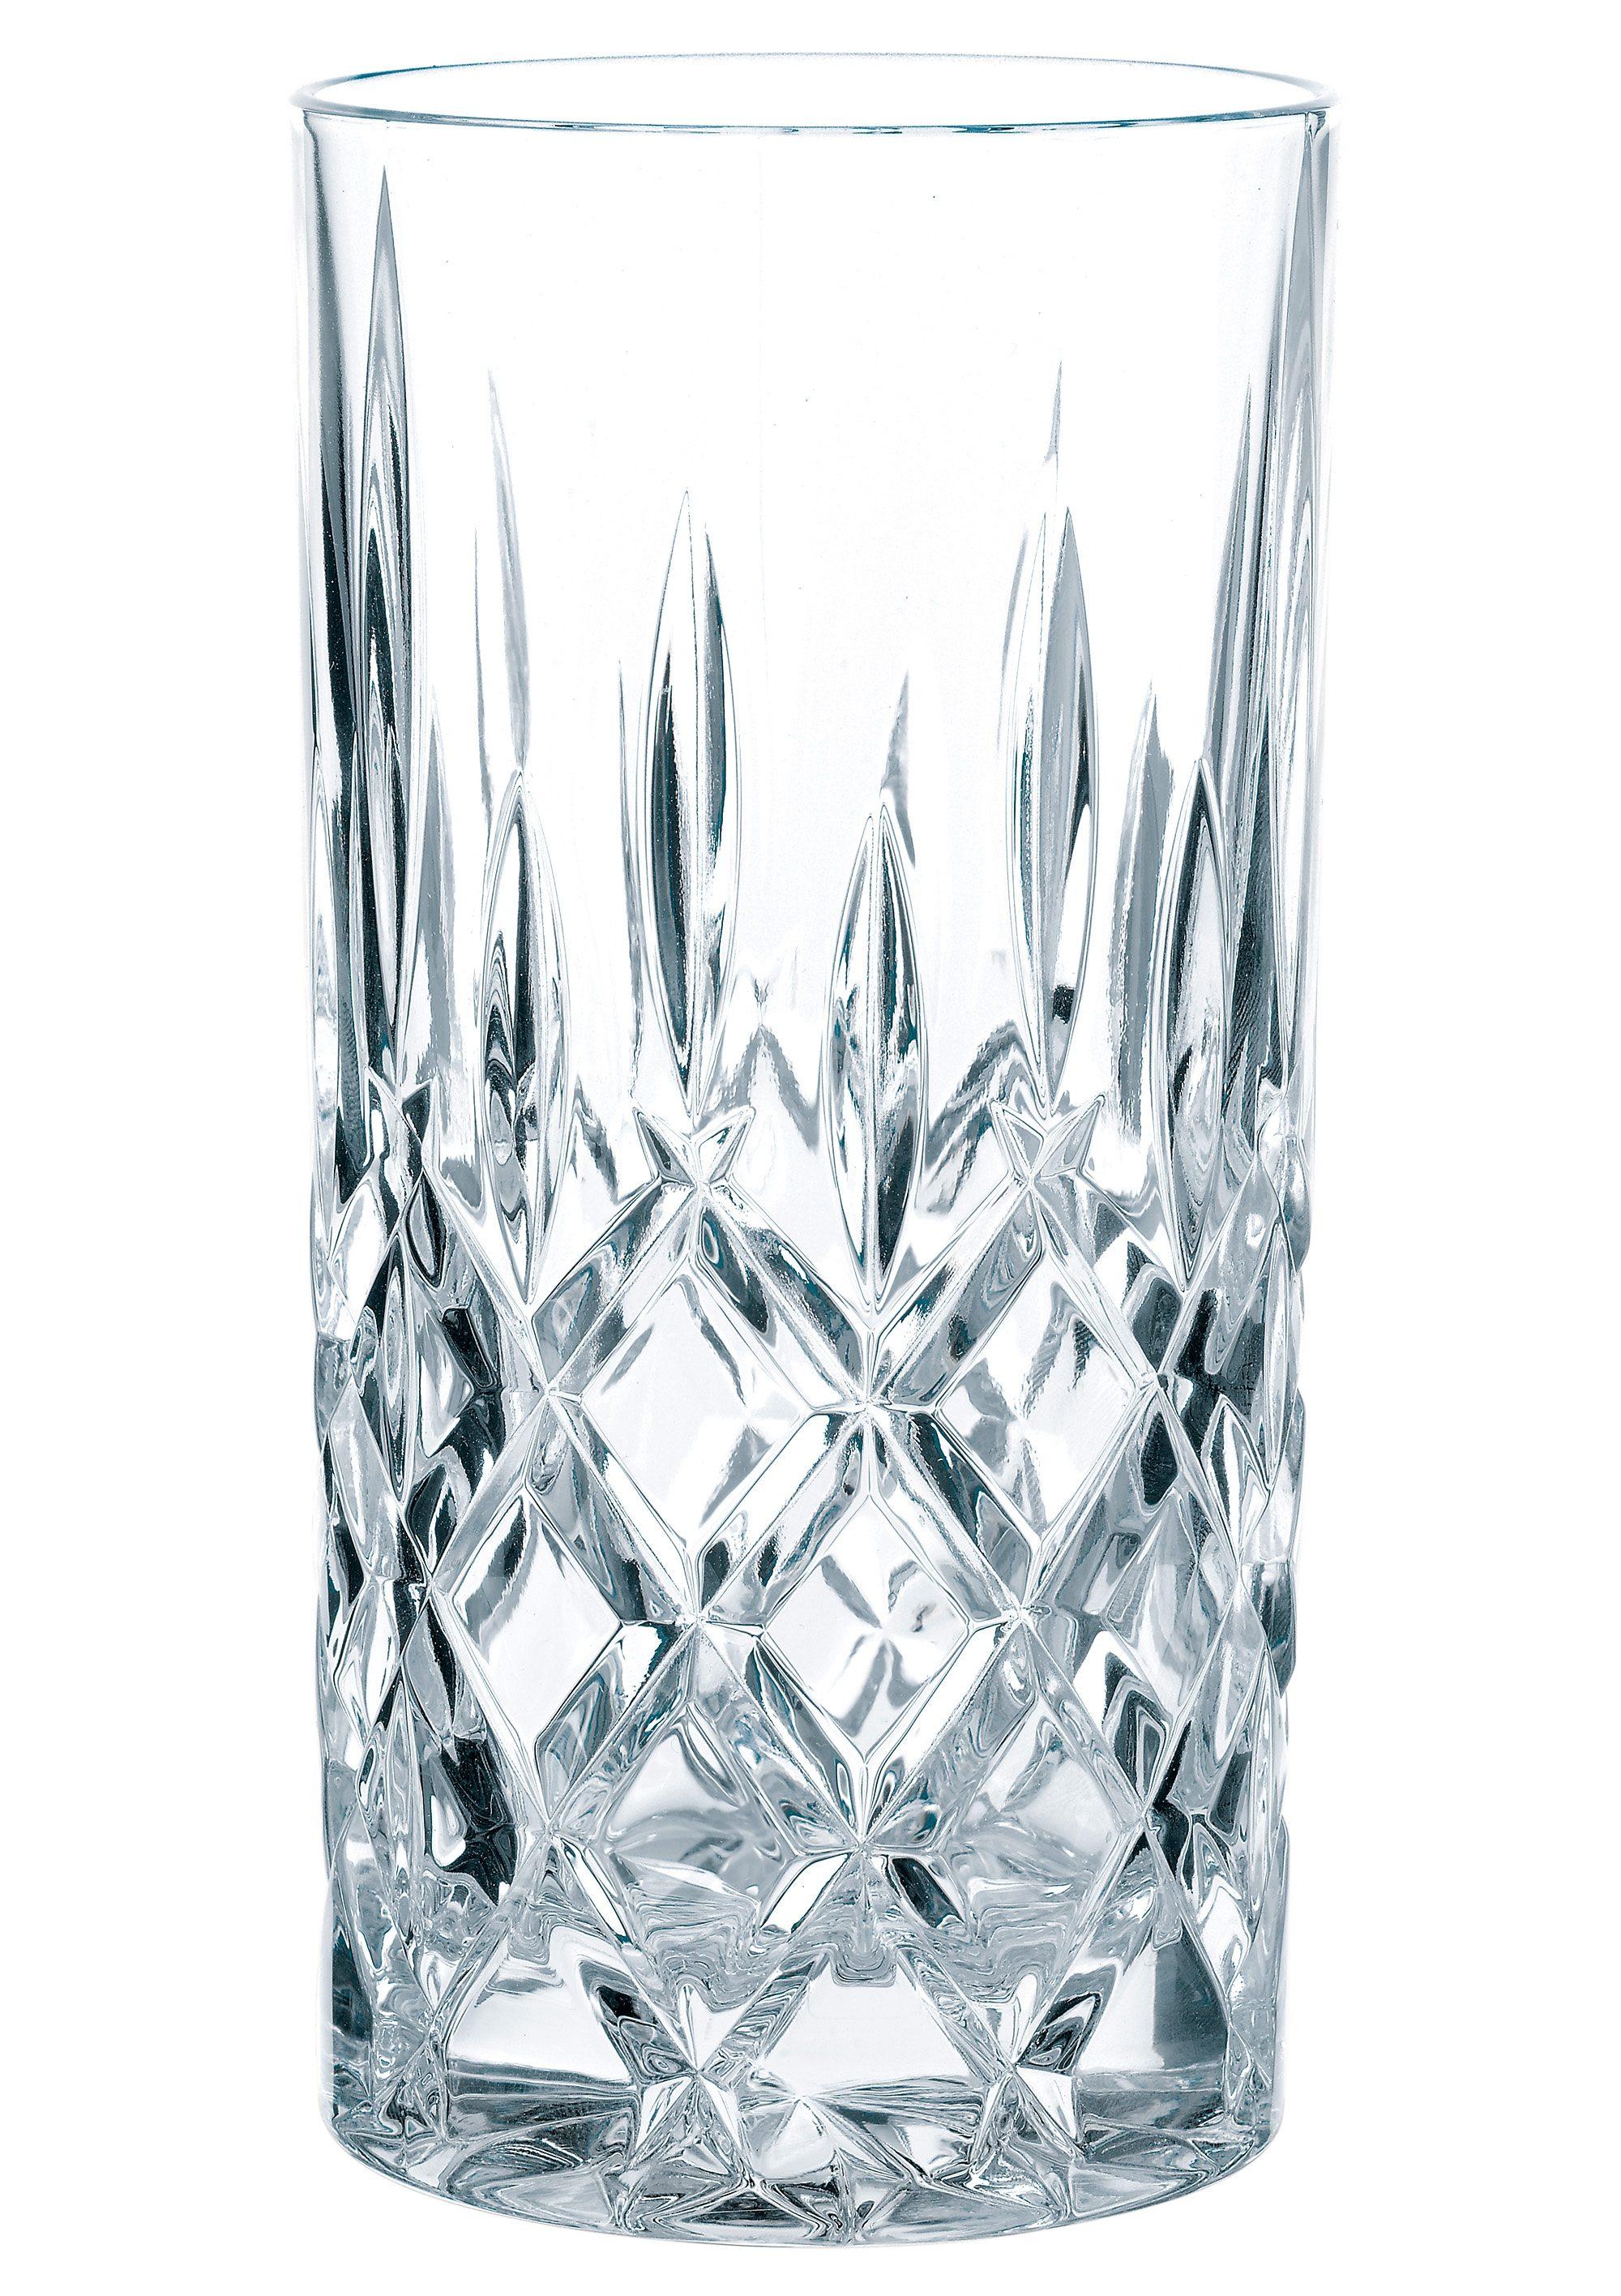 Nachtmann Longdrinkglas Noblesse, (Set, 4 tlg.), mit edlem Schliff, 4-teilig farblos Kristallgläser Gläser Glaswaren Haushaltswaren